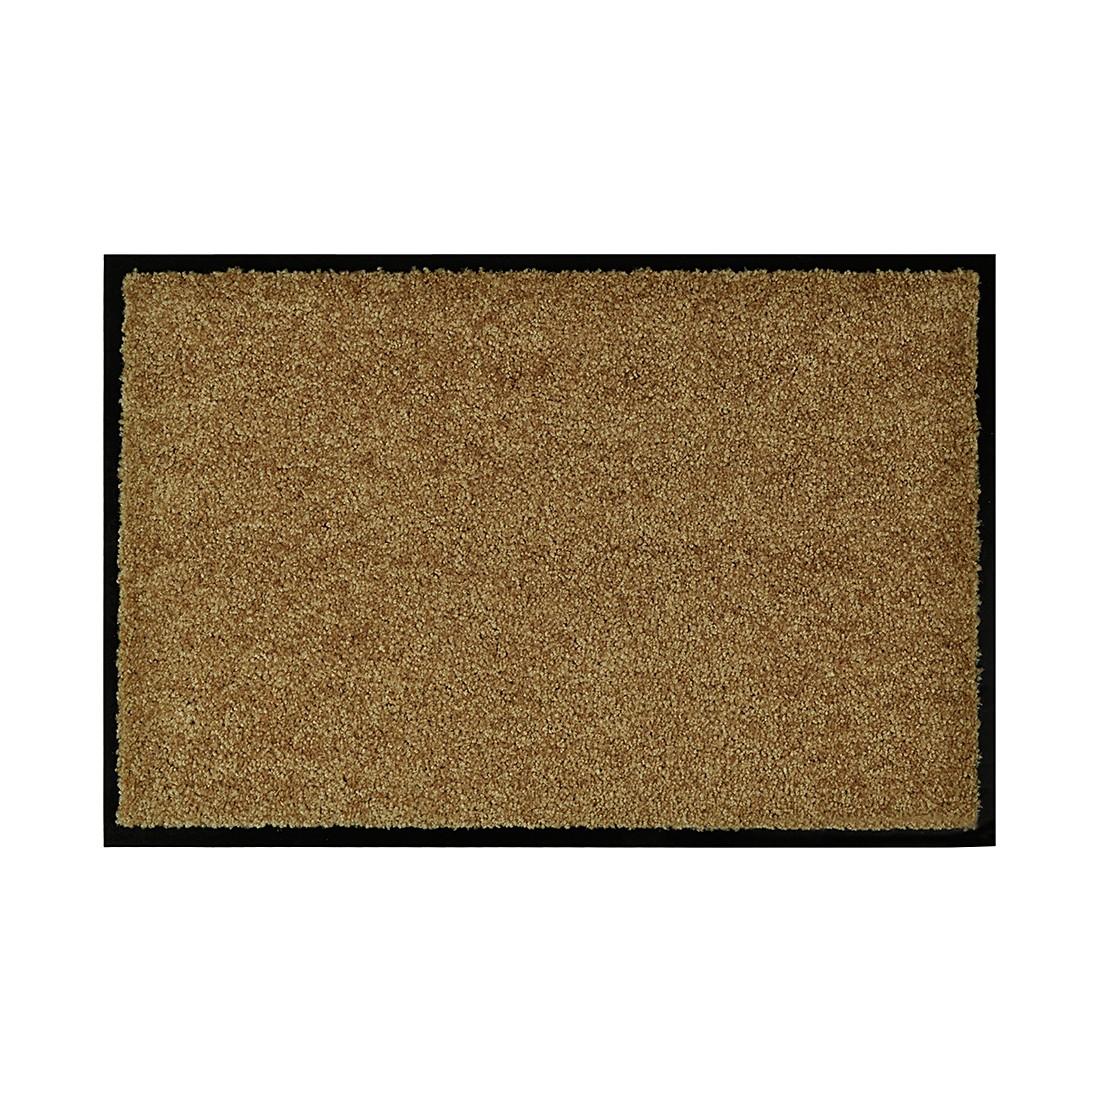 Schmutzfang Fußmatte Wash & Clean – Karamel – 90 x 120 cm, Hanse Home Collection günstig bestellen